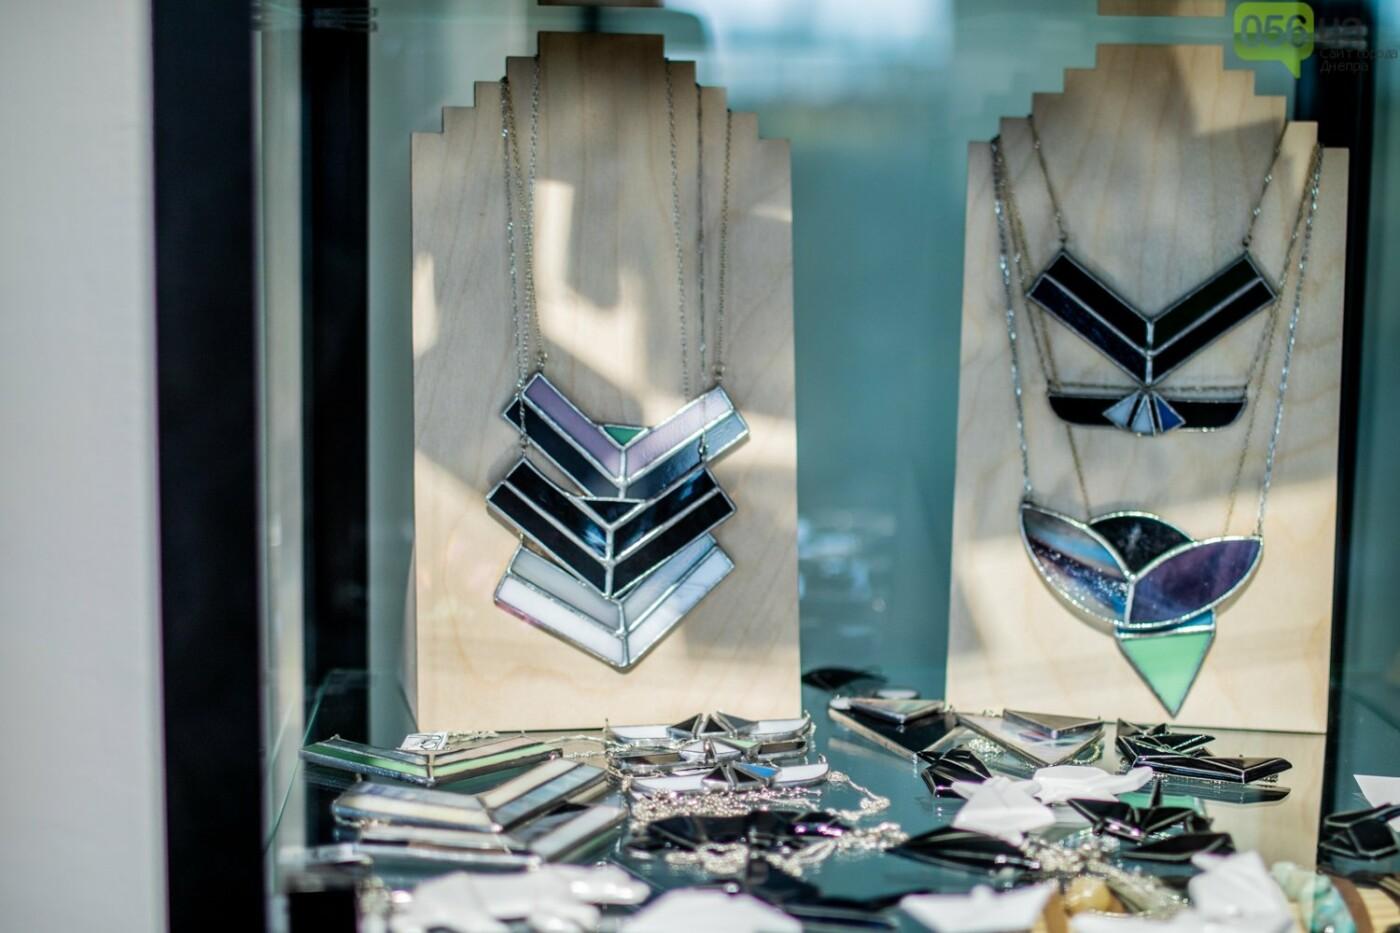 Основательницы БУДЬ в UA Катя Дорошевская и Алина Щербина о том, как поднять бизнес на голом энтузиазме, - ИНТЕРВЬЮ, фото-17